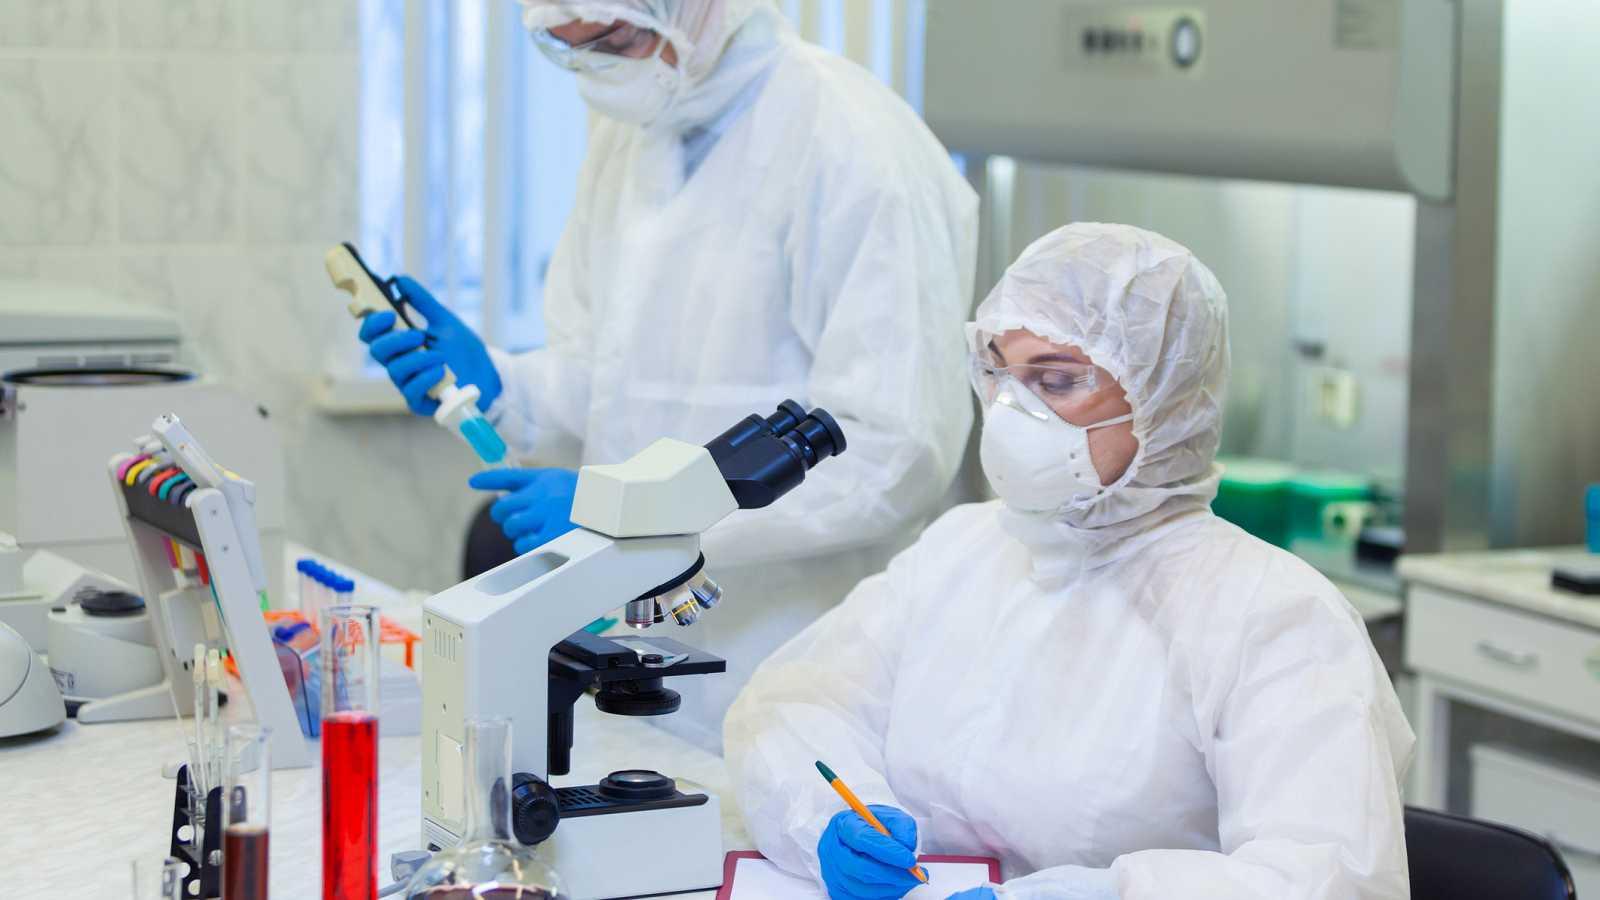 Descubren como inhibir multiplicación del SARS-CoV-2